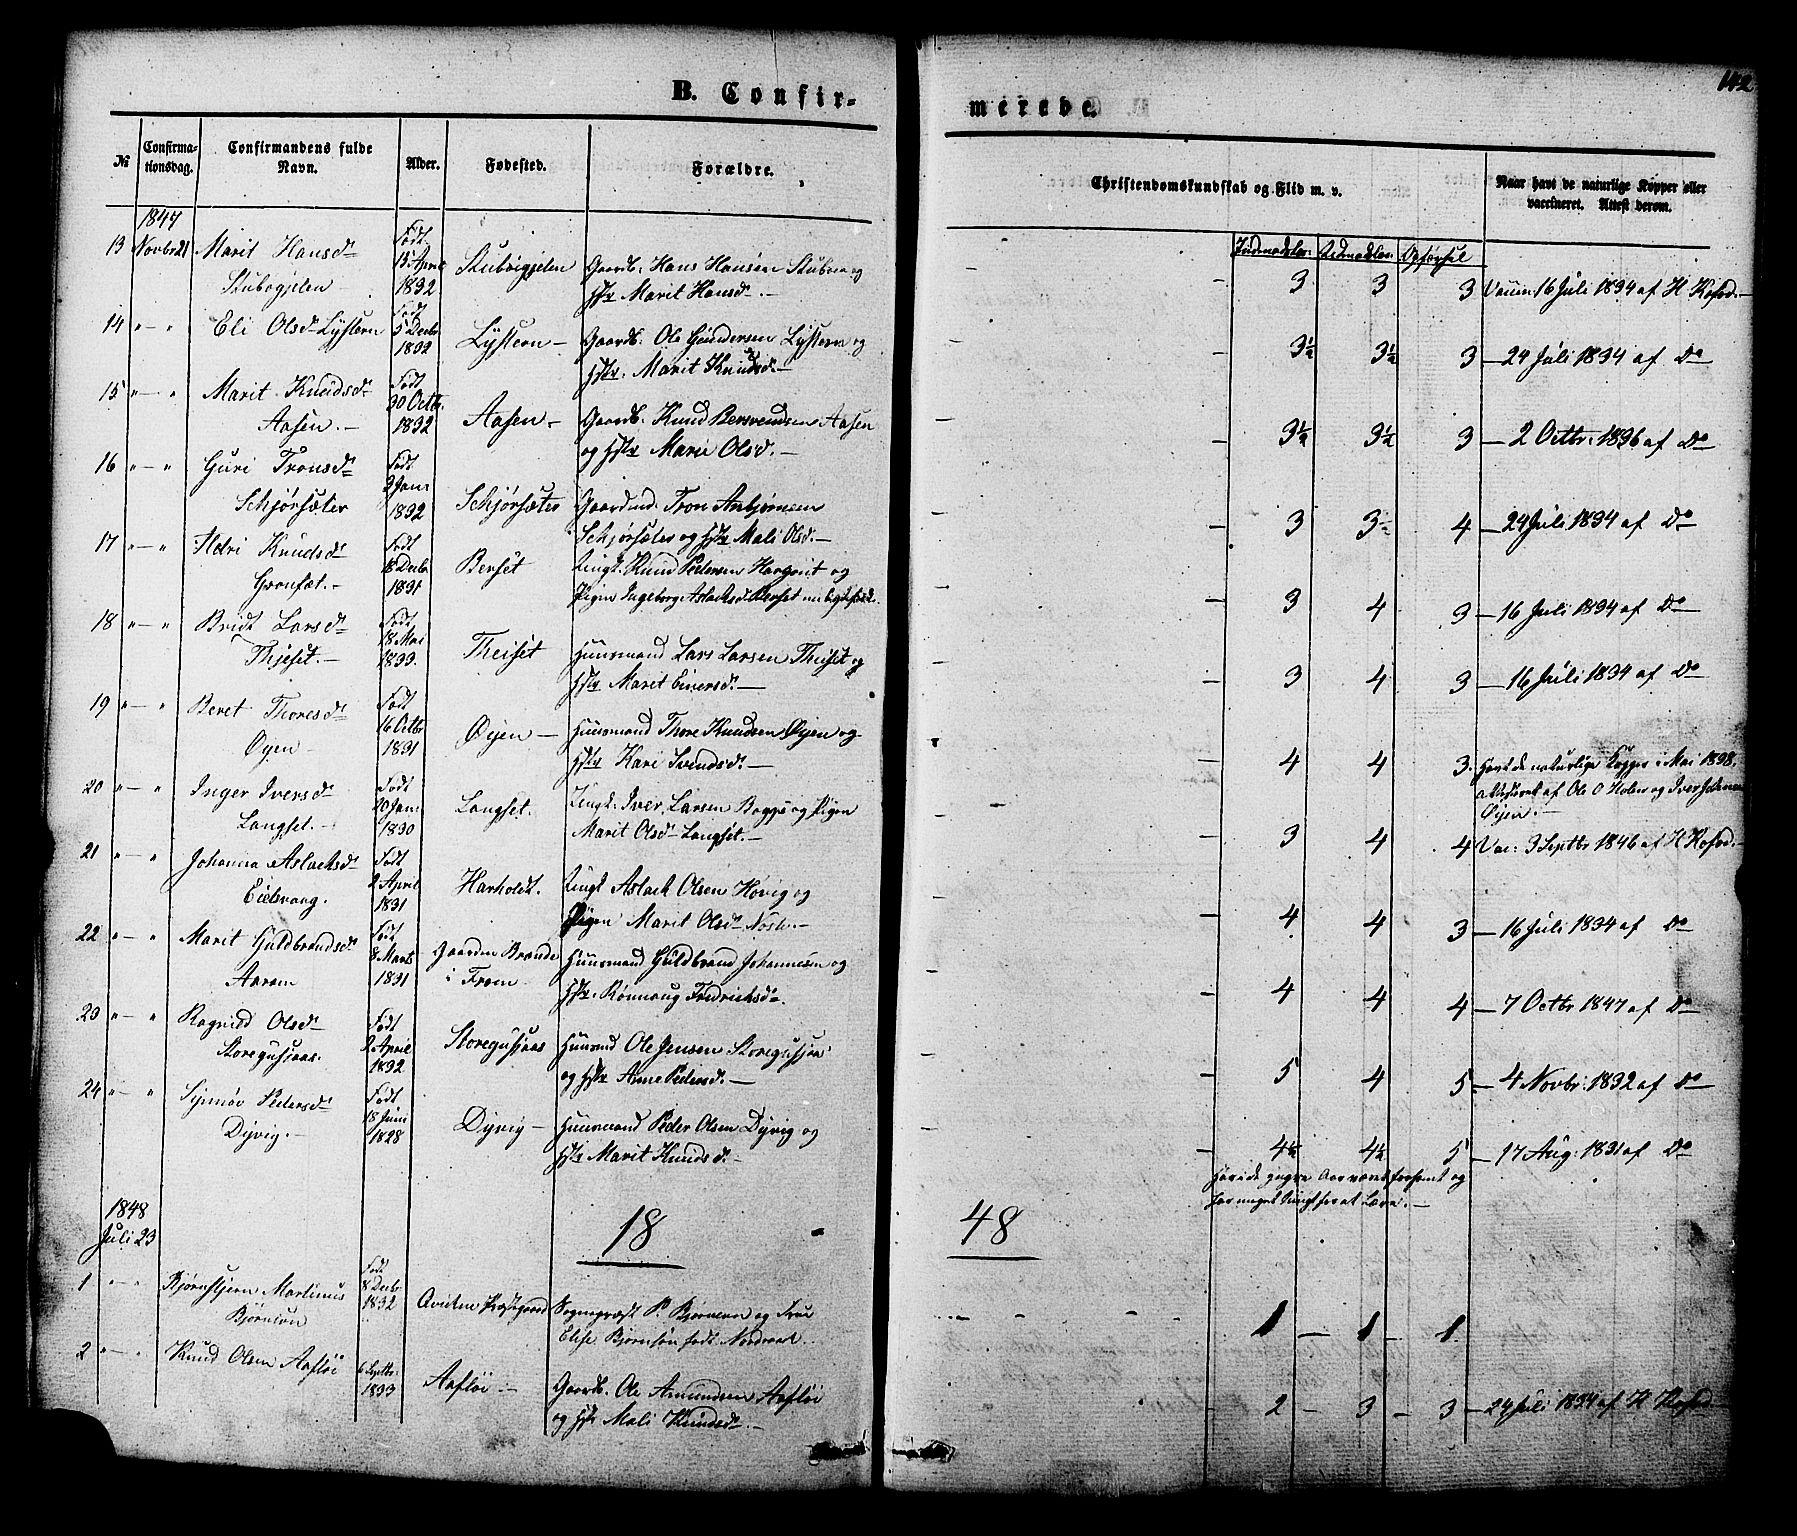 SAT, Ministerialprotokoller, klokkerbøker og fødselsregistre - Møre og Romsdal, 551/L0625: Parish register (official) no. 551A05, 1846-1879, p. 142